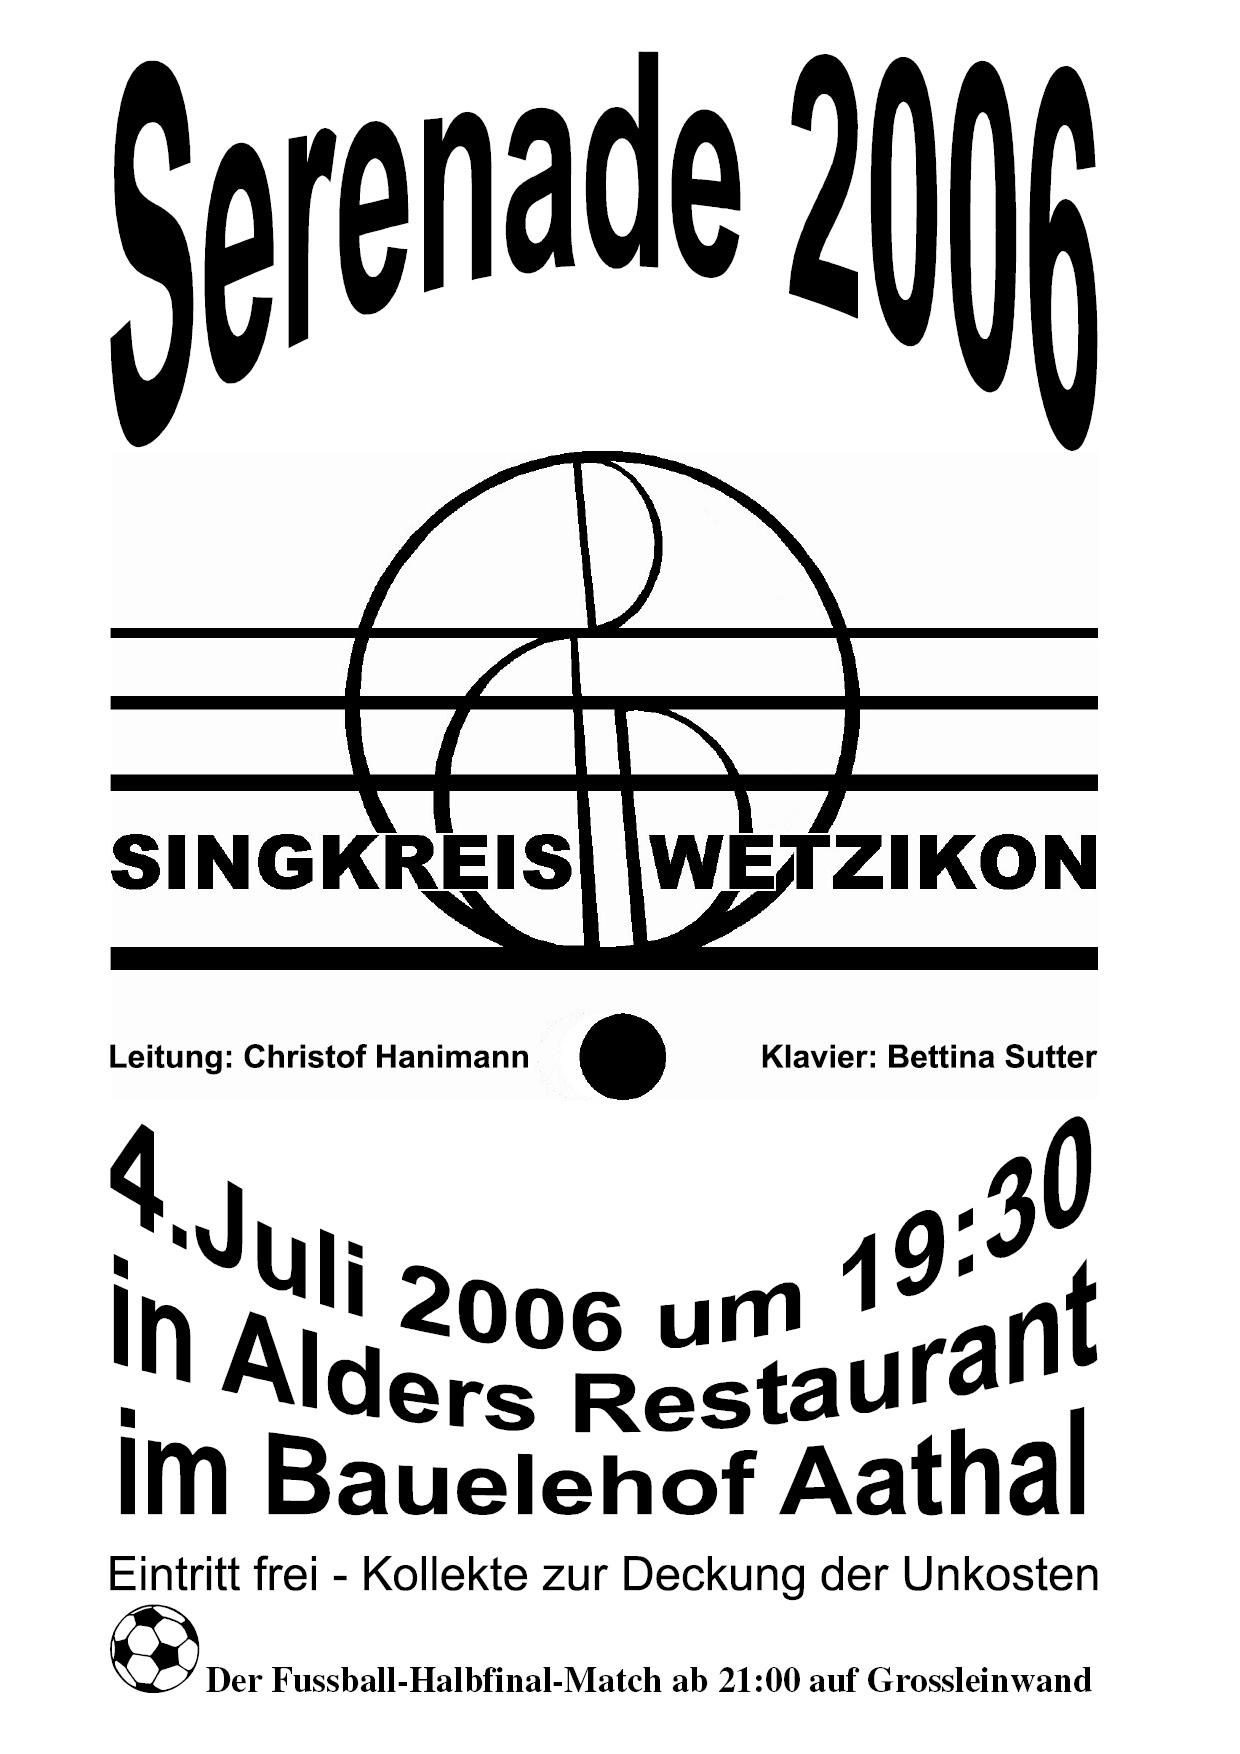 2006 Serenade